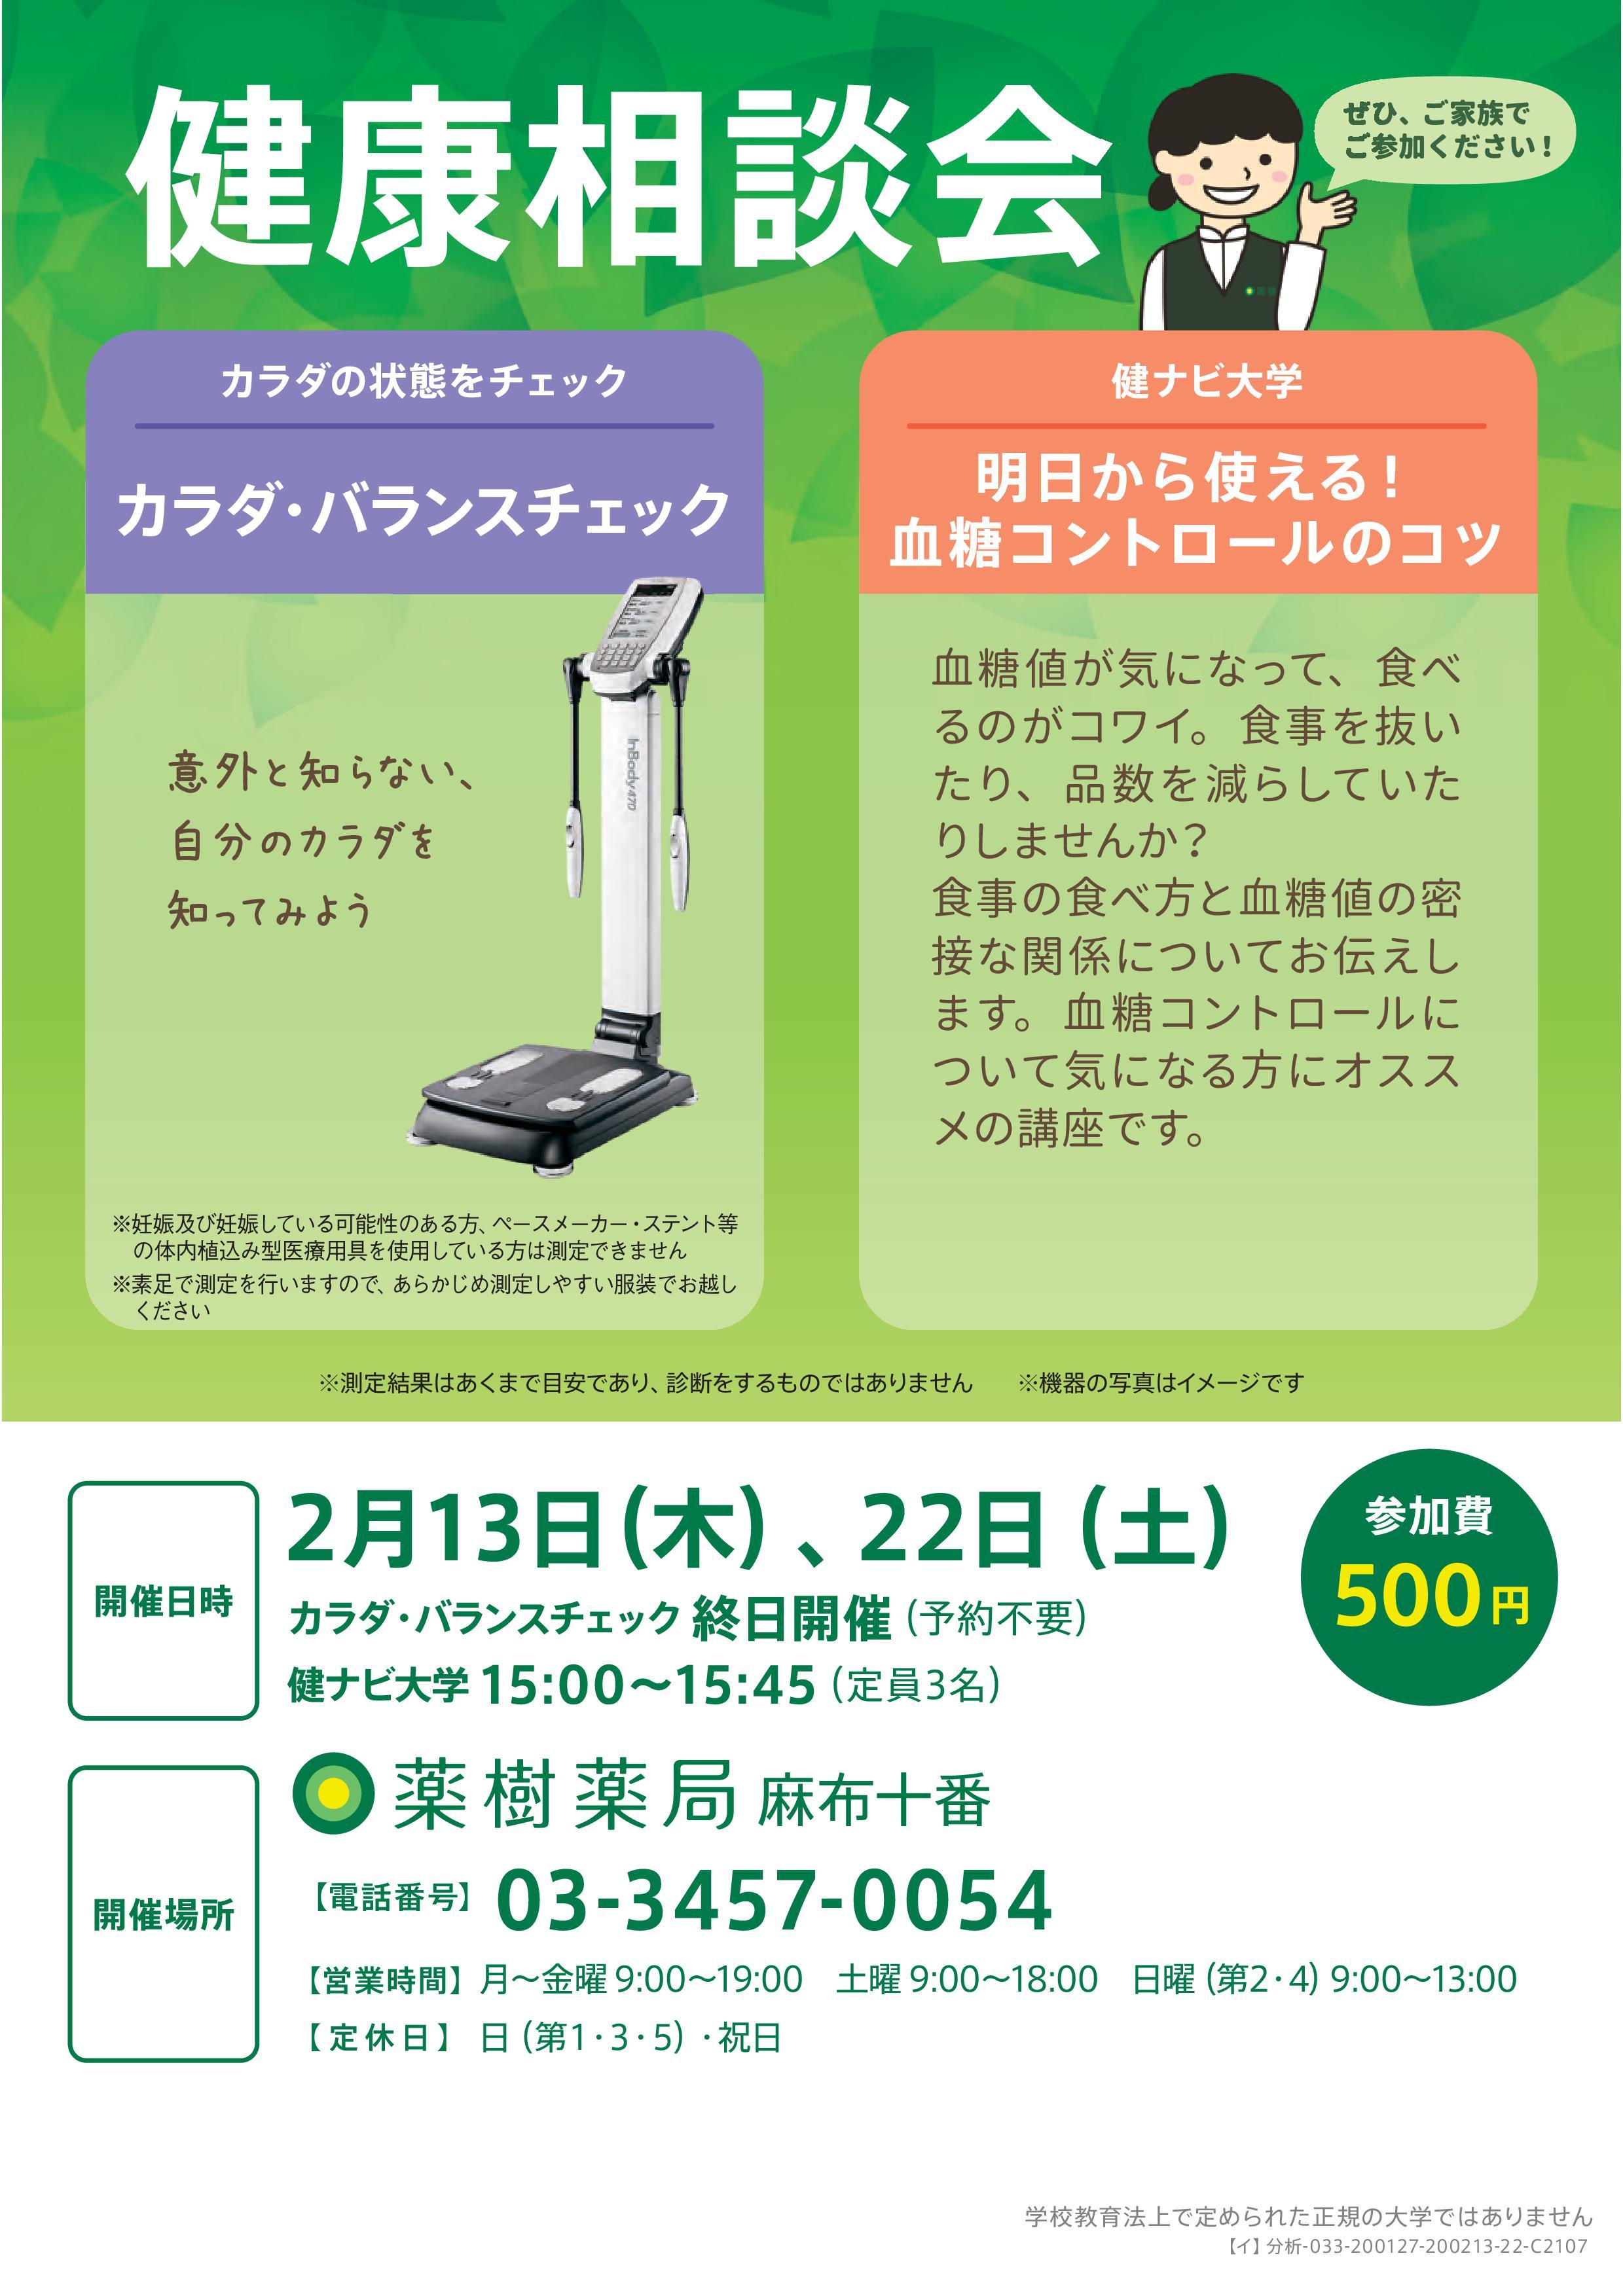 健康相談会(複数機器測定 or 講座+機器測定)